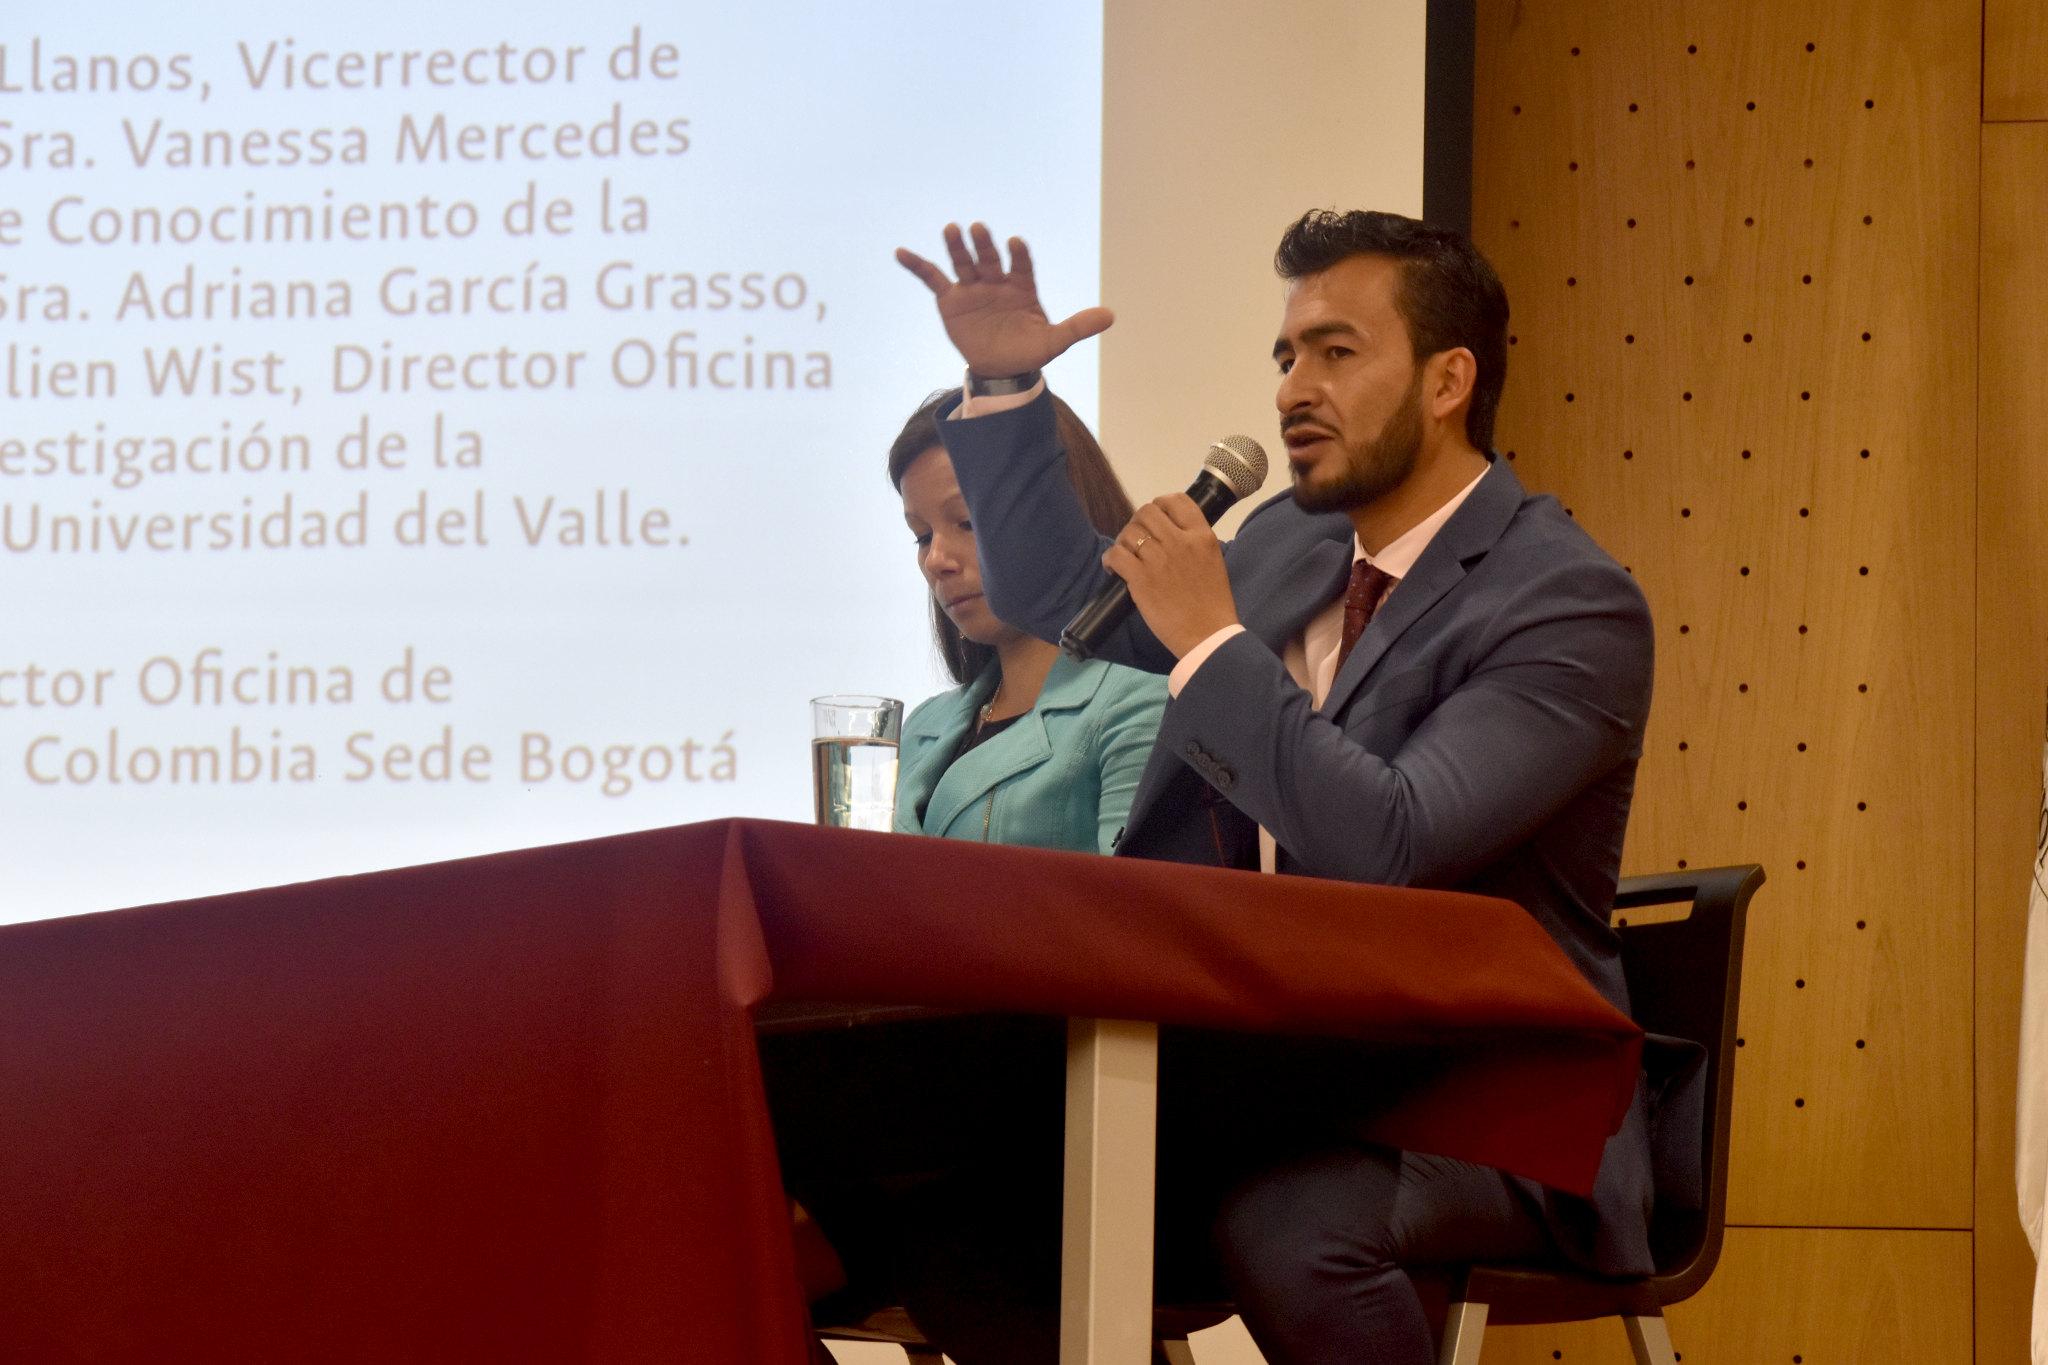 Santiago Vargas Domínguez, jefe de la División de Extensión - Universidad Nacional de Colombia y moderador del conversatorio (Foto: Aura Flechas / DNEIPI / VRI)